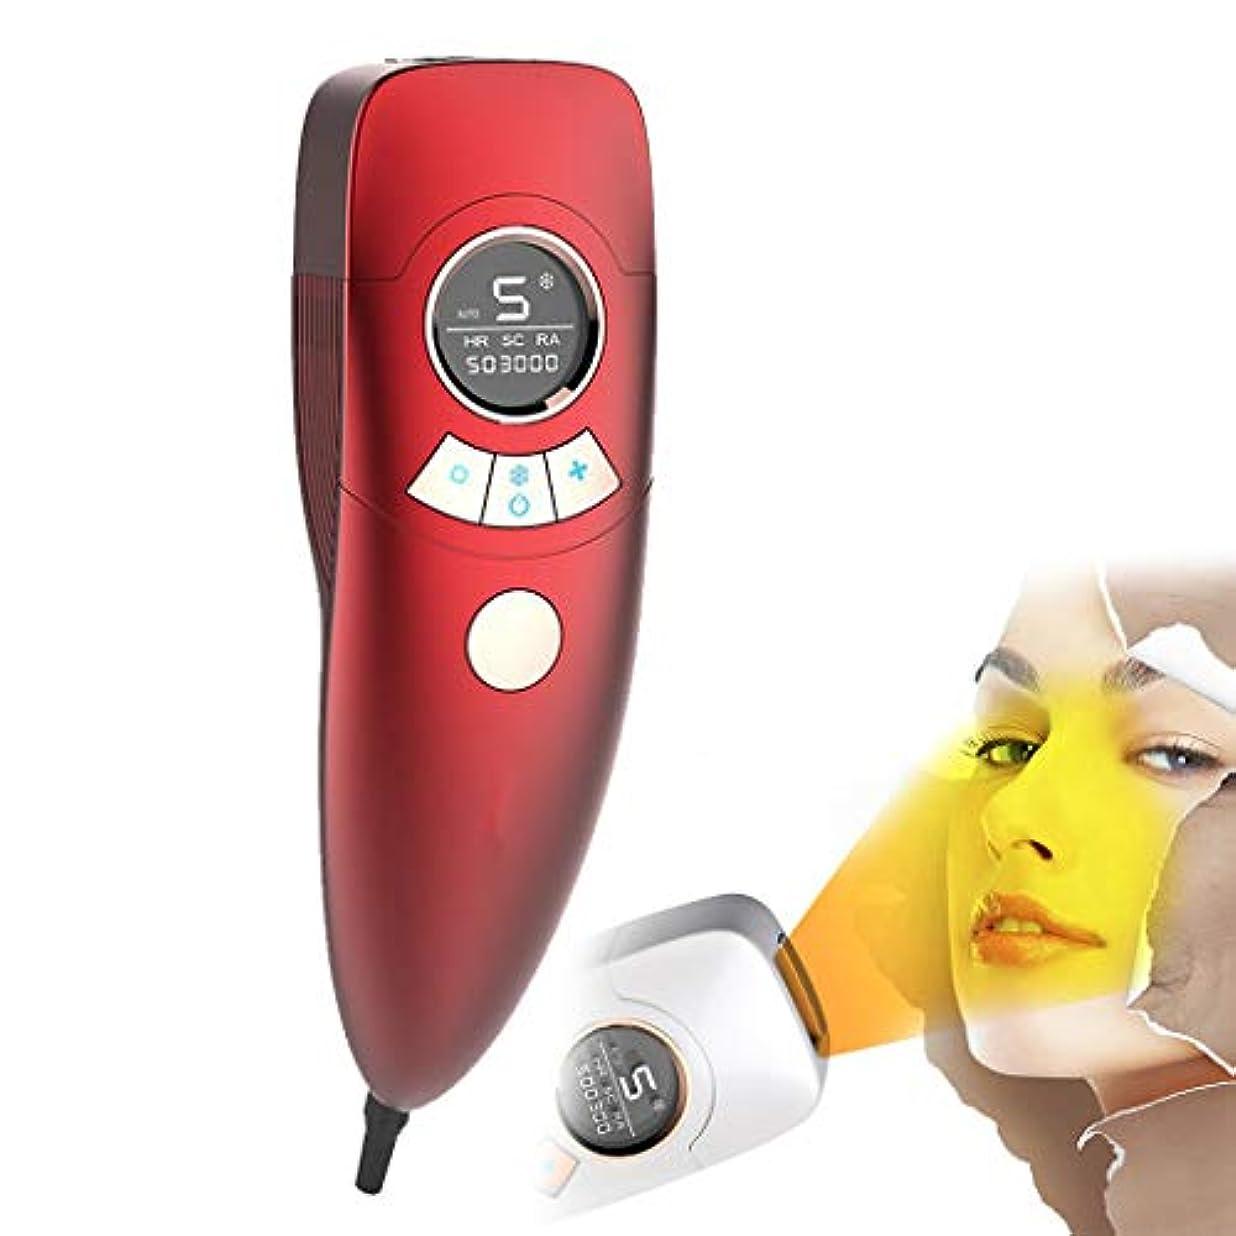 メタリック幽霊伸ばす電気脱毛装置は痛みがありません女性4で1充電式電気脱毛器の髪、ビキニエリア鼻脇の下腕の脚の痛みのない永久的な体毛リムーバー-red